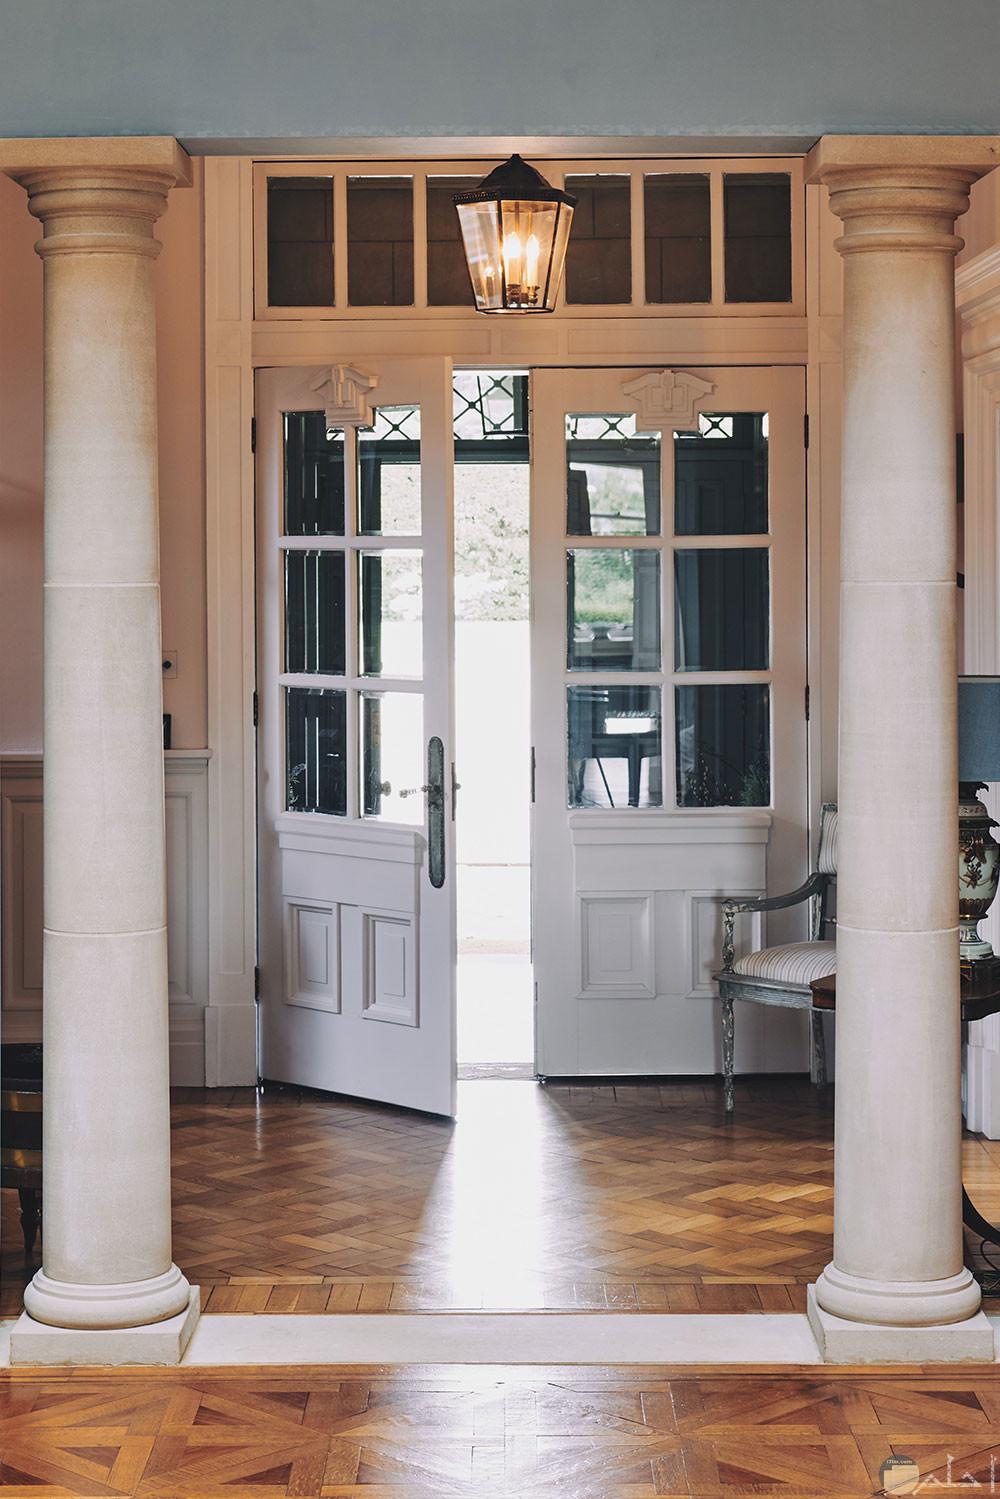 باب منزل داخلى كبير الحجم لونة ابيض وبه مربعات زجاج